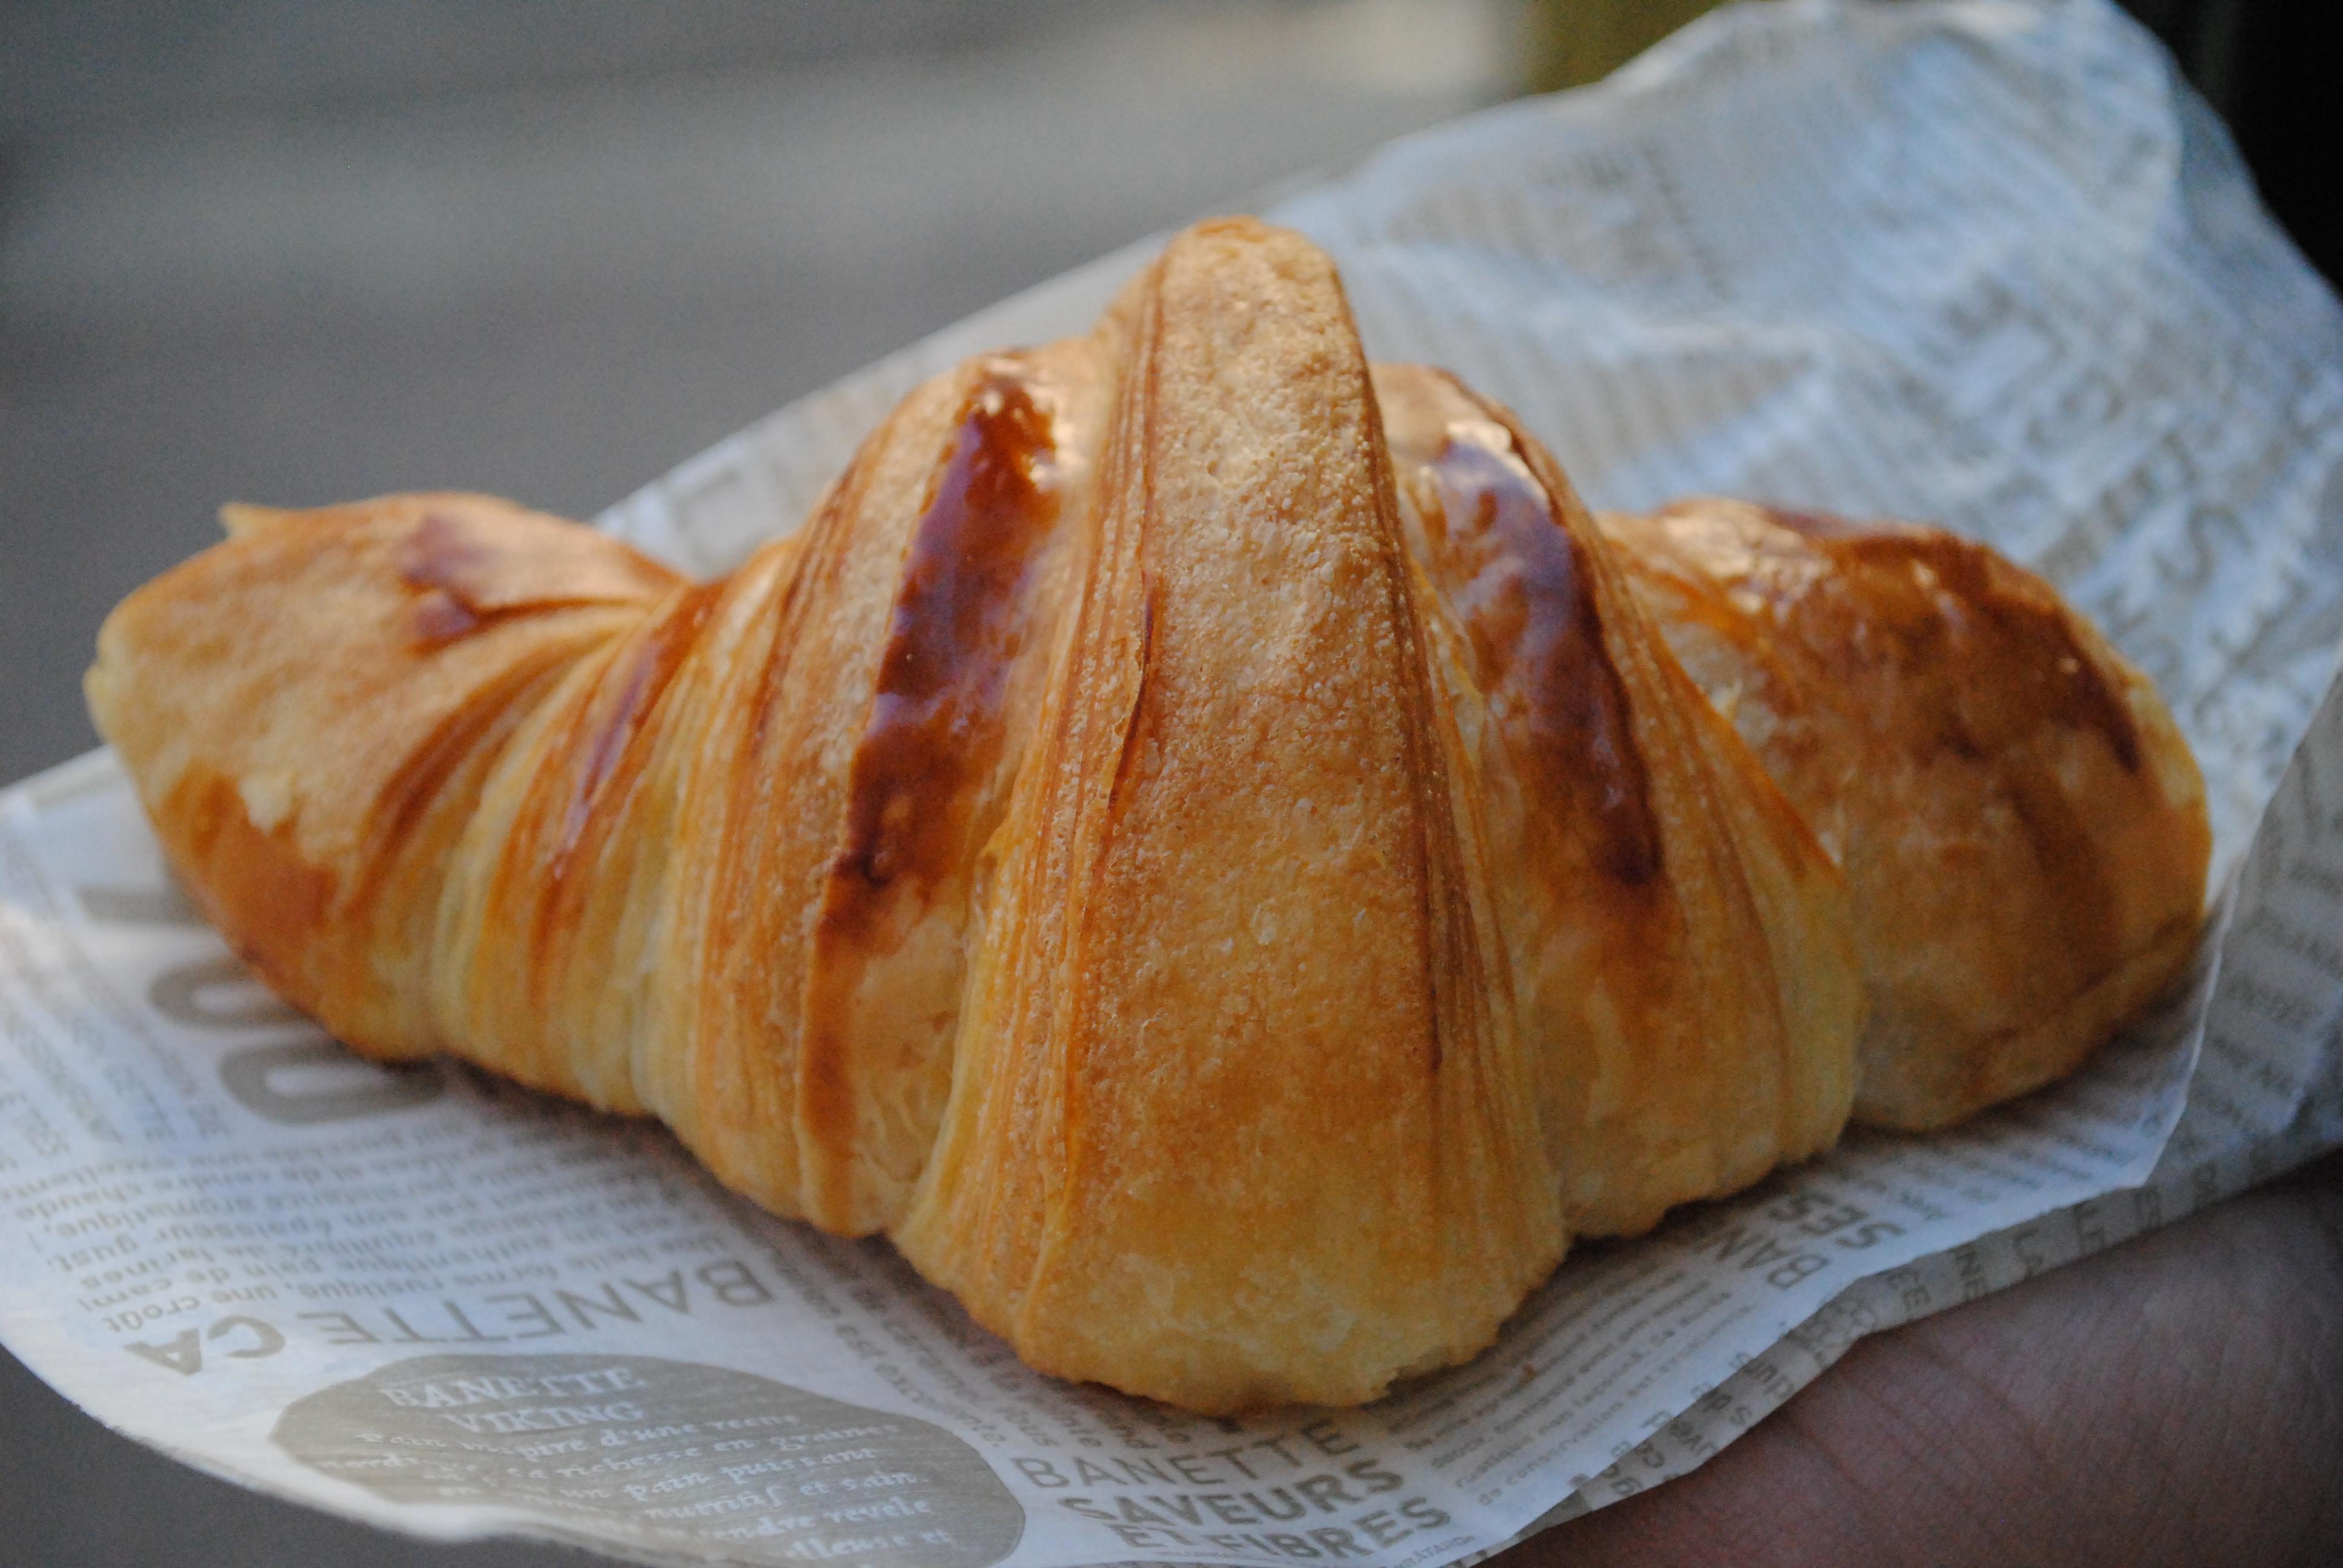 Le croissant, mon amour!